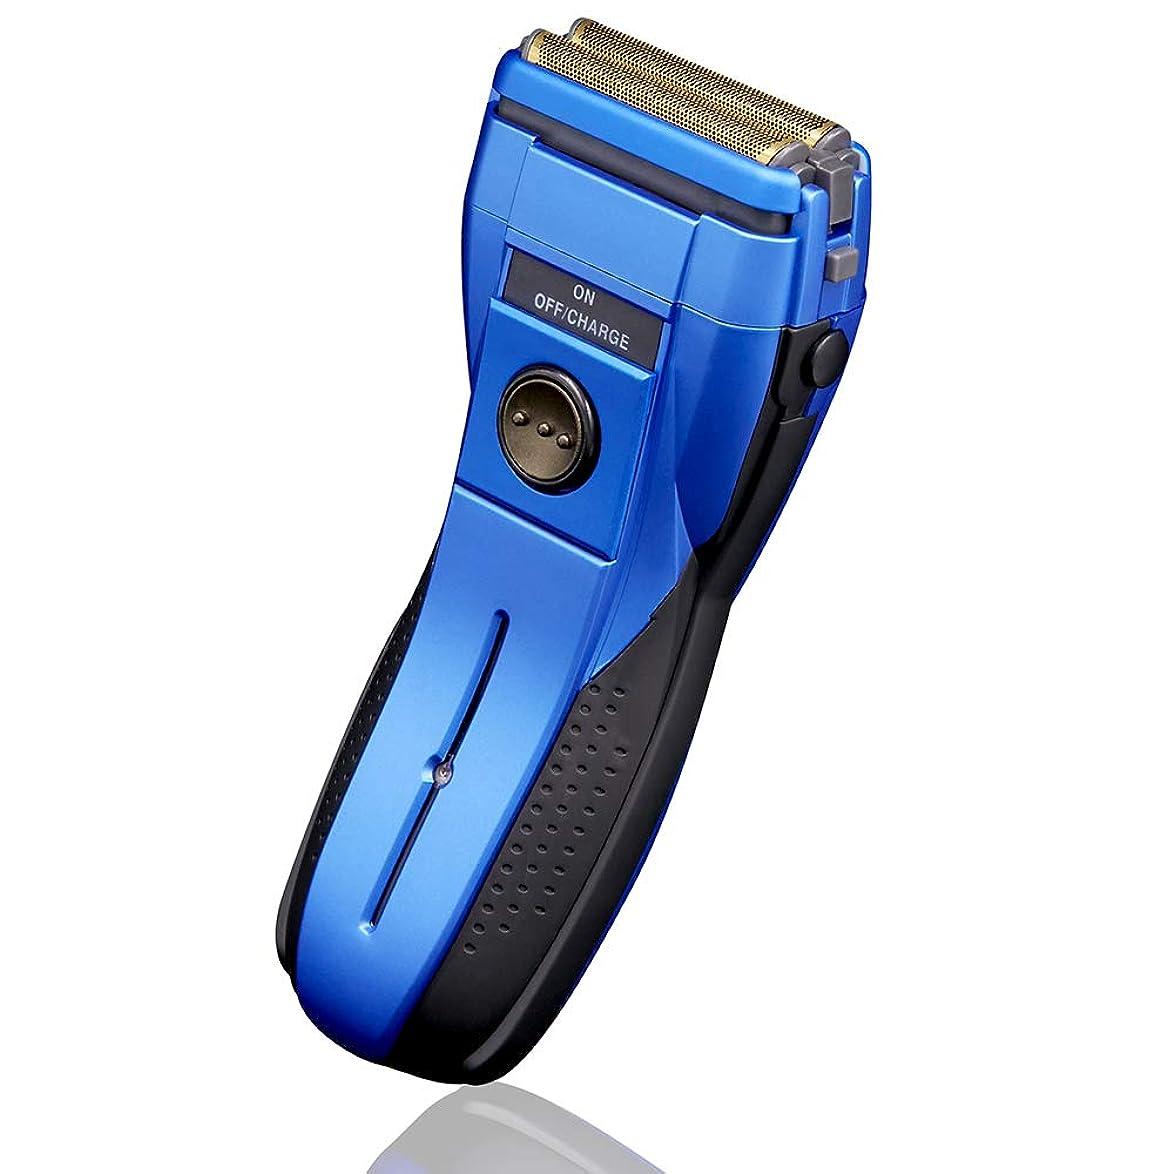 リーチ怖いジョグ電気シェーバー 2枚刃 髭剃り メンズシェーバー 替え刃付属付き 水洗い対応 ウォッシャブル 充電式 独立フローティング2枚刃 (Blue)